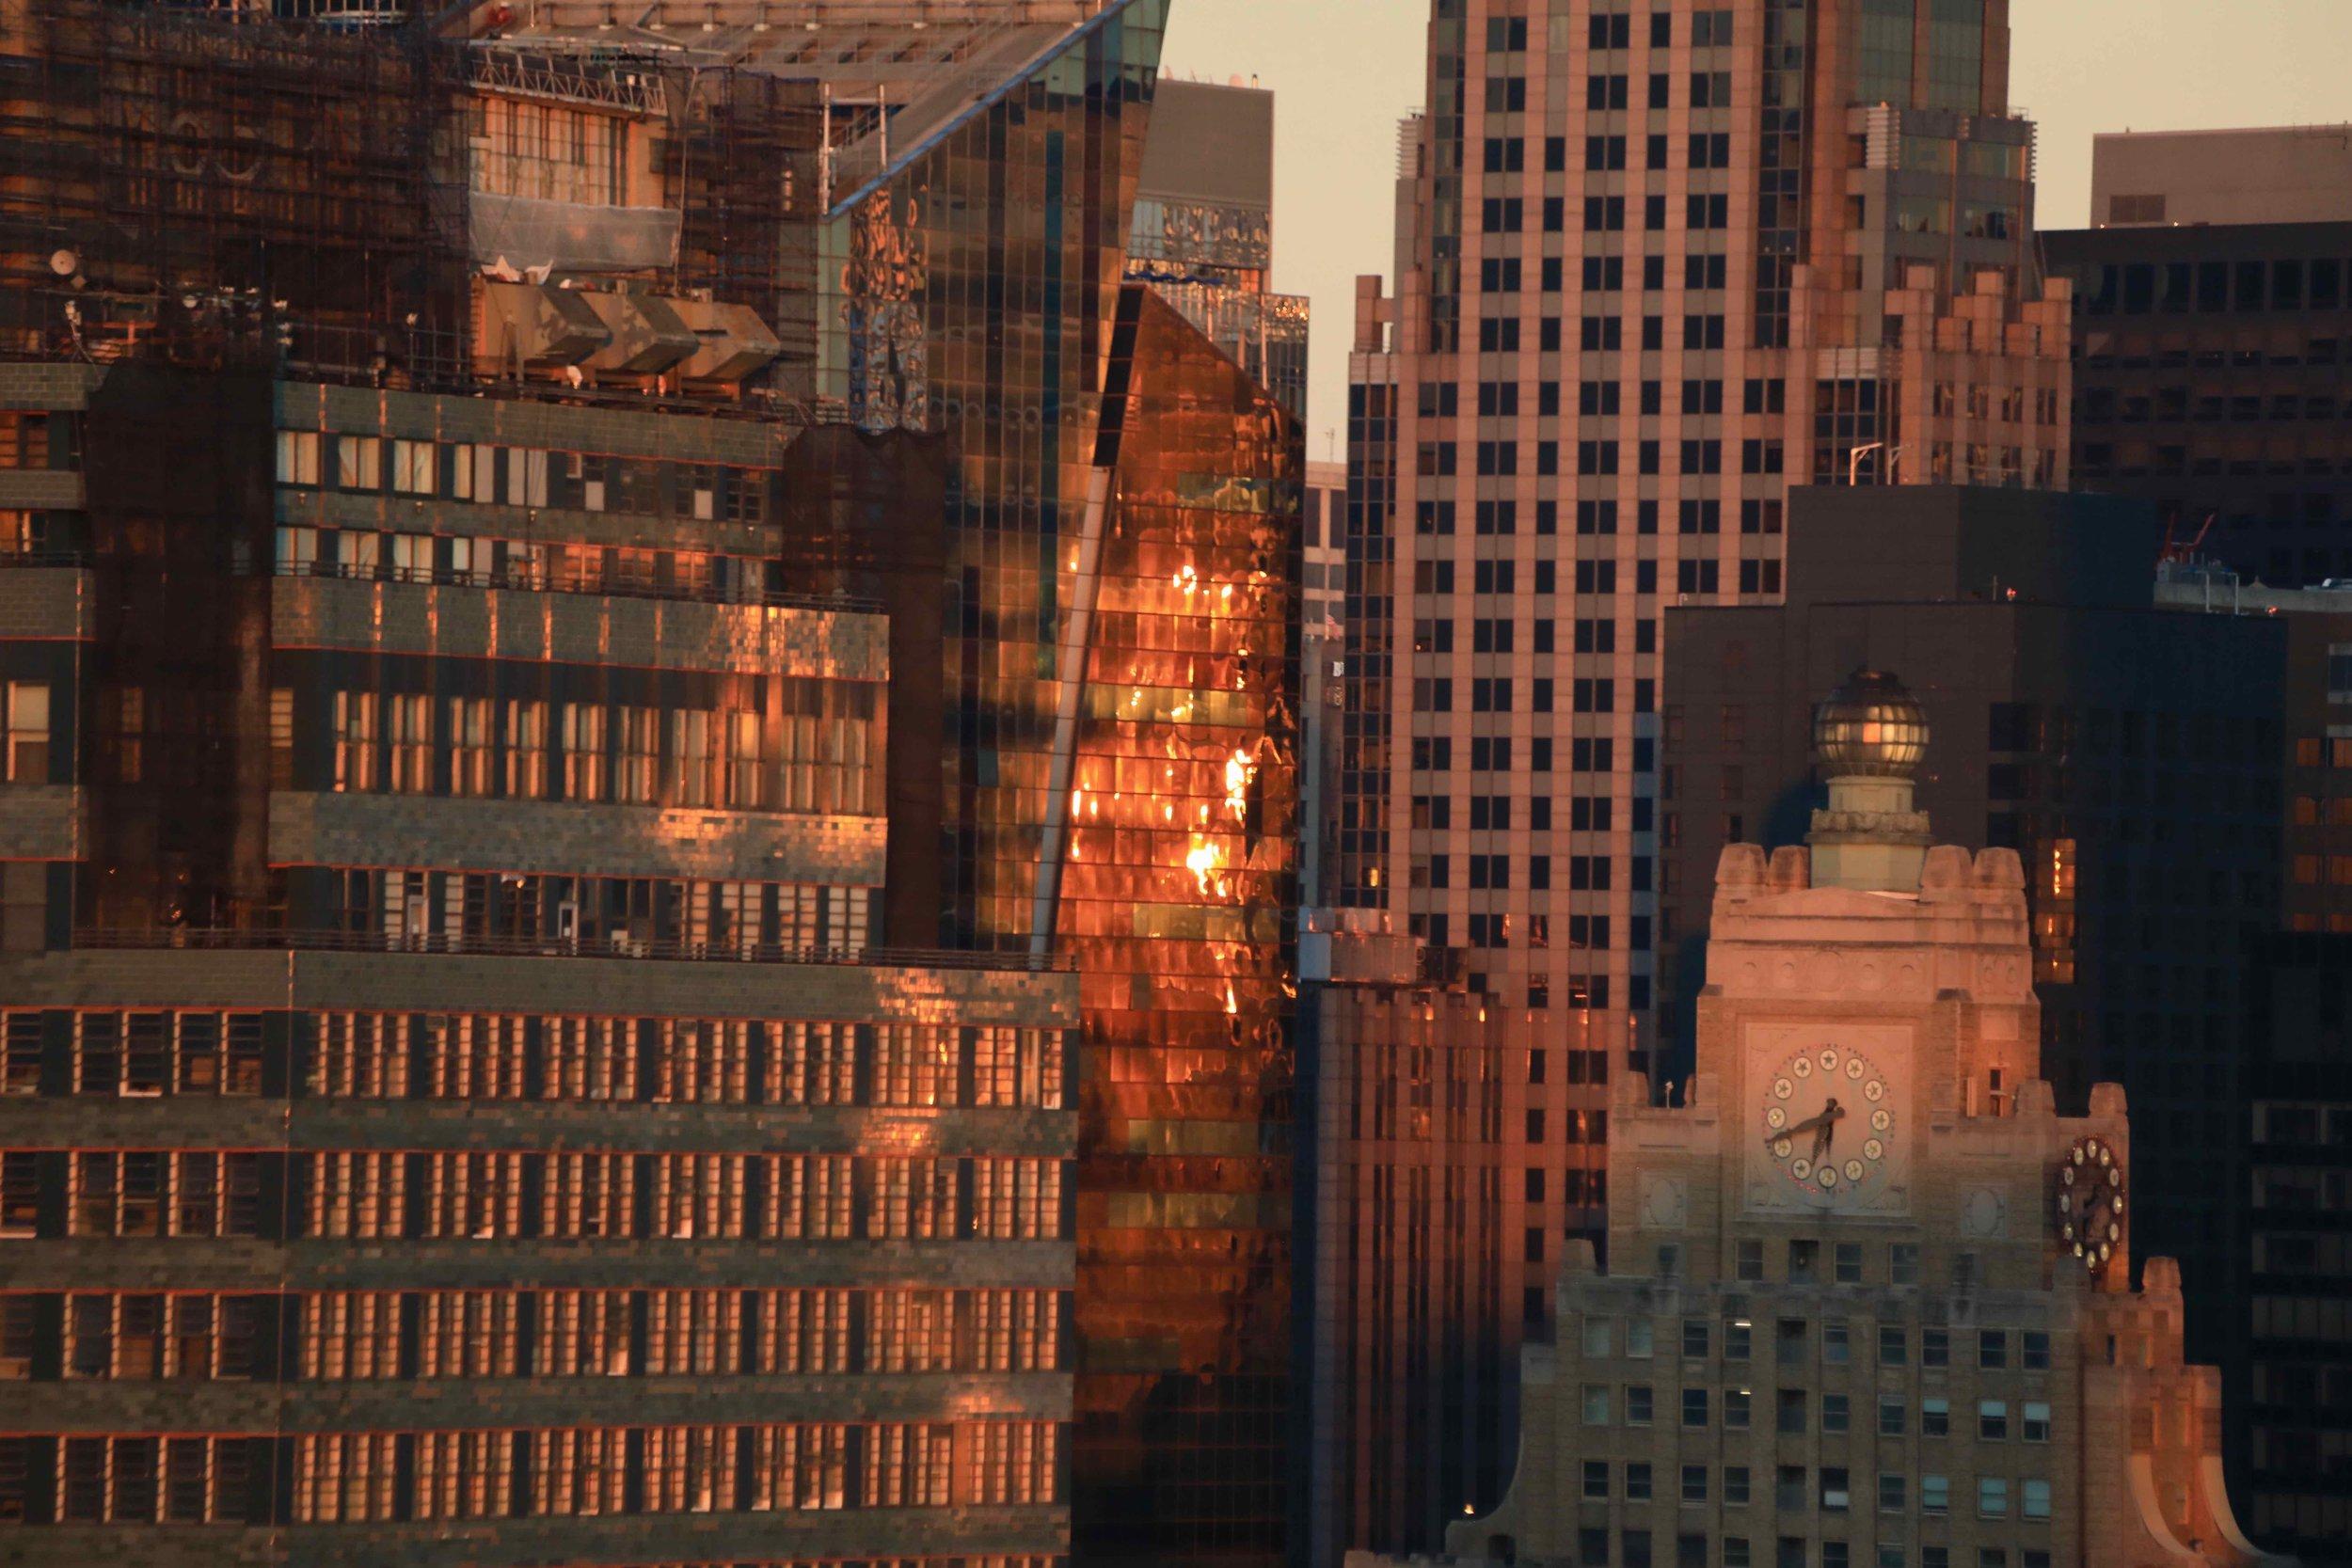 6:41pm in Manhattan